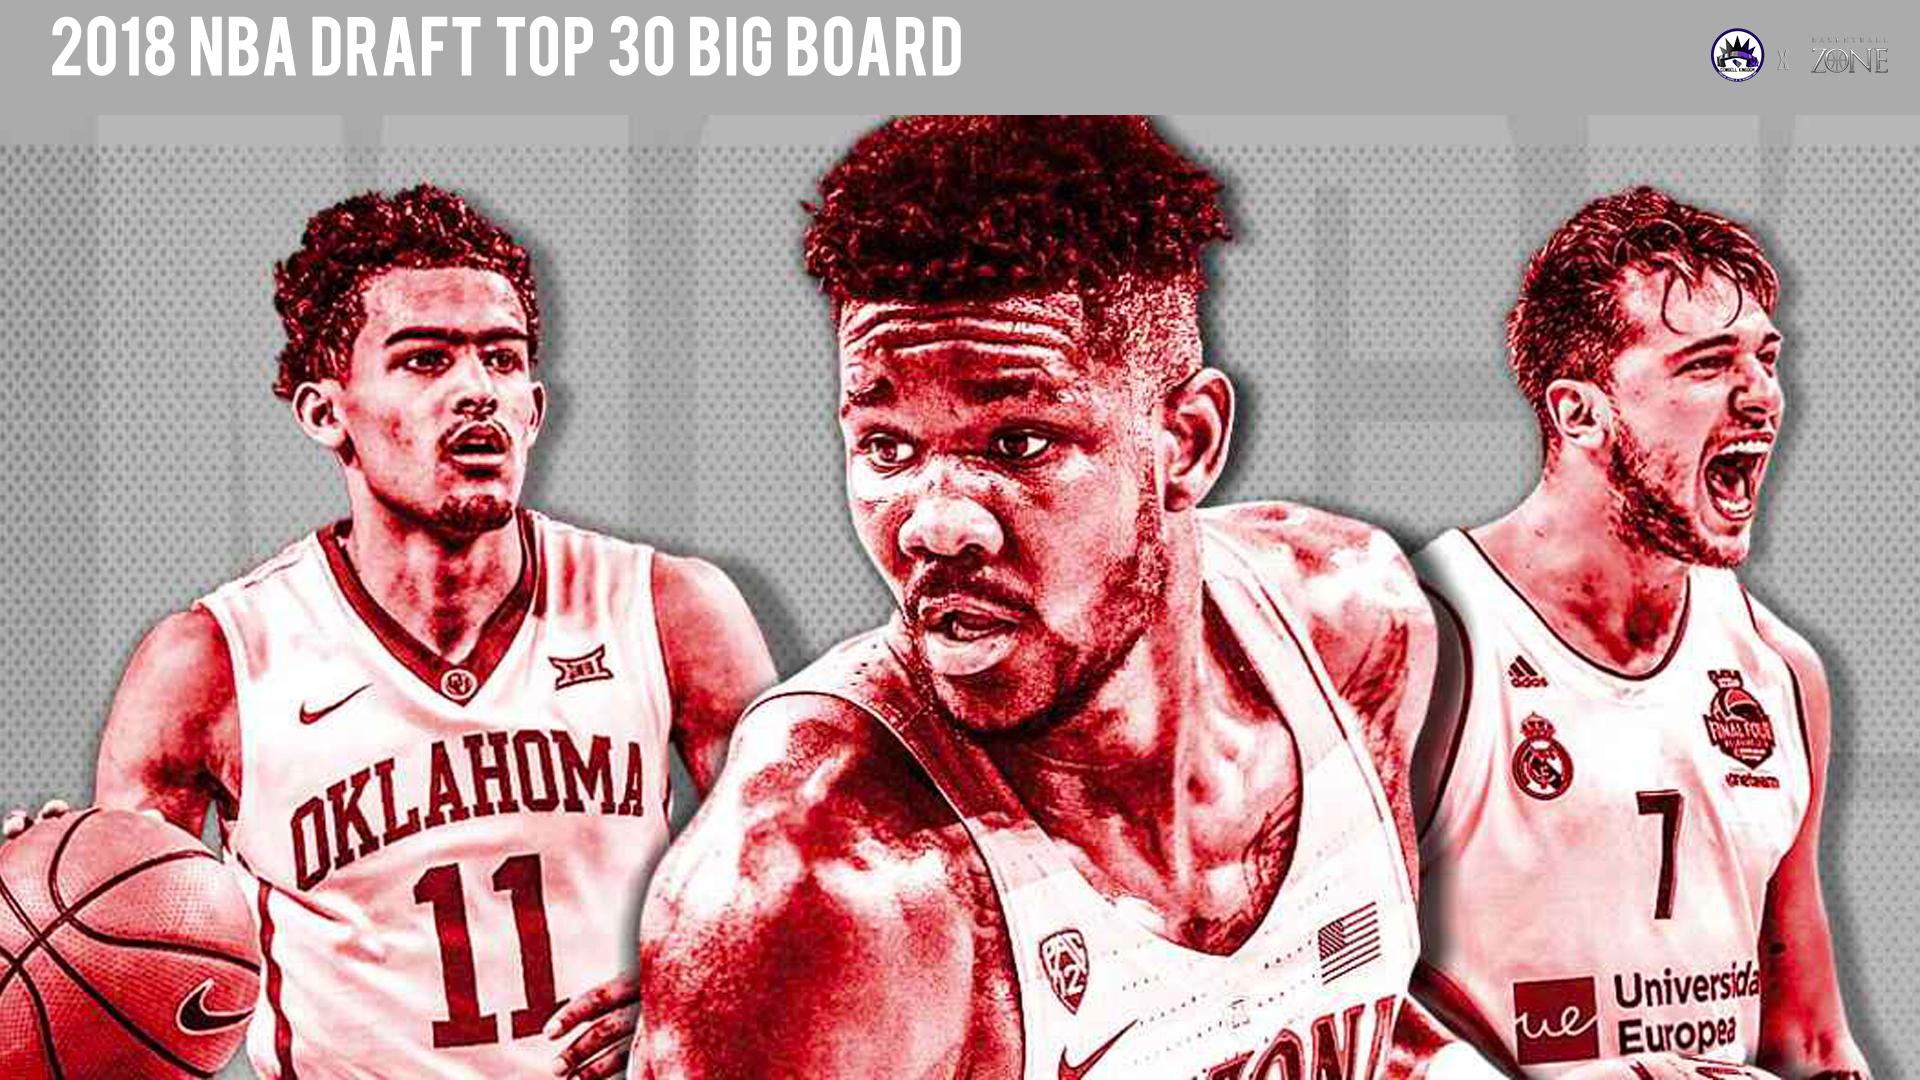 2018 NBA Draft Top 30 Big Board